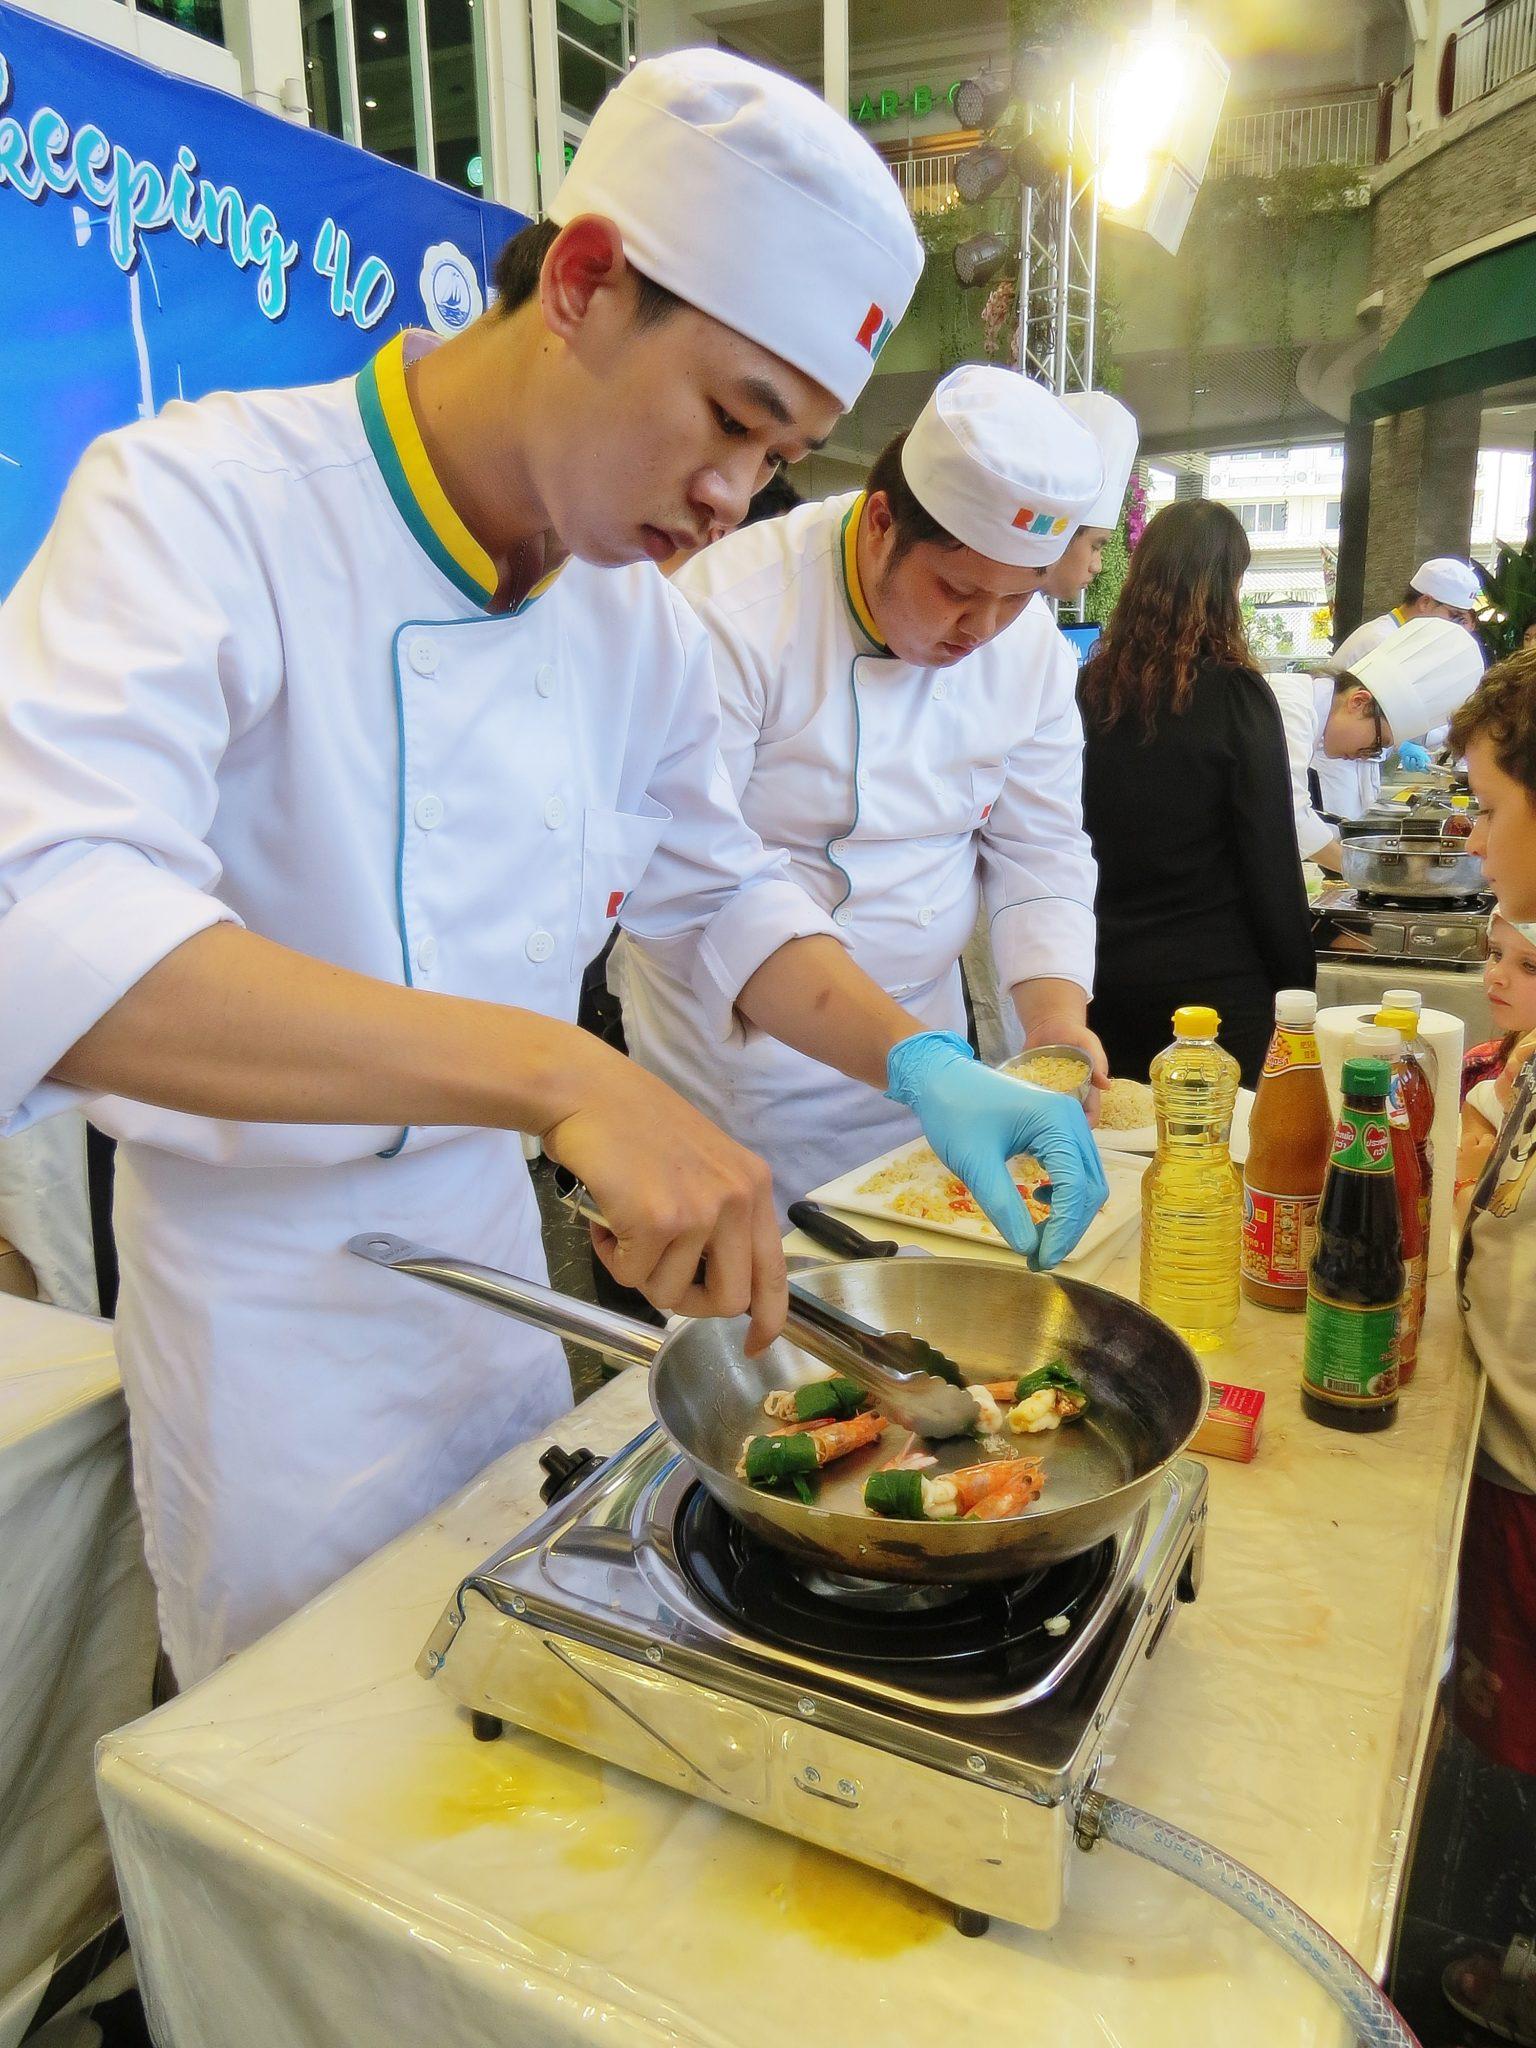 RHS เรียนทำอาหาร โรงเรียนสอนทำอาหาร 28